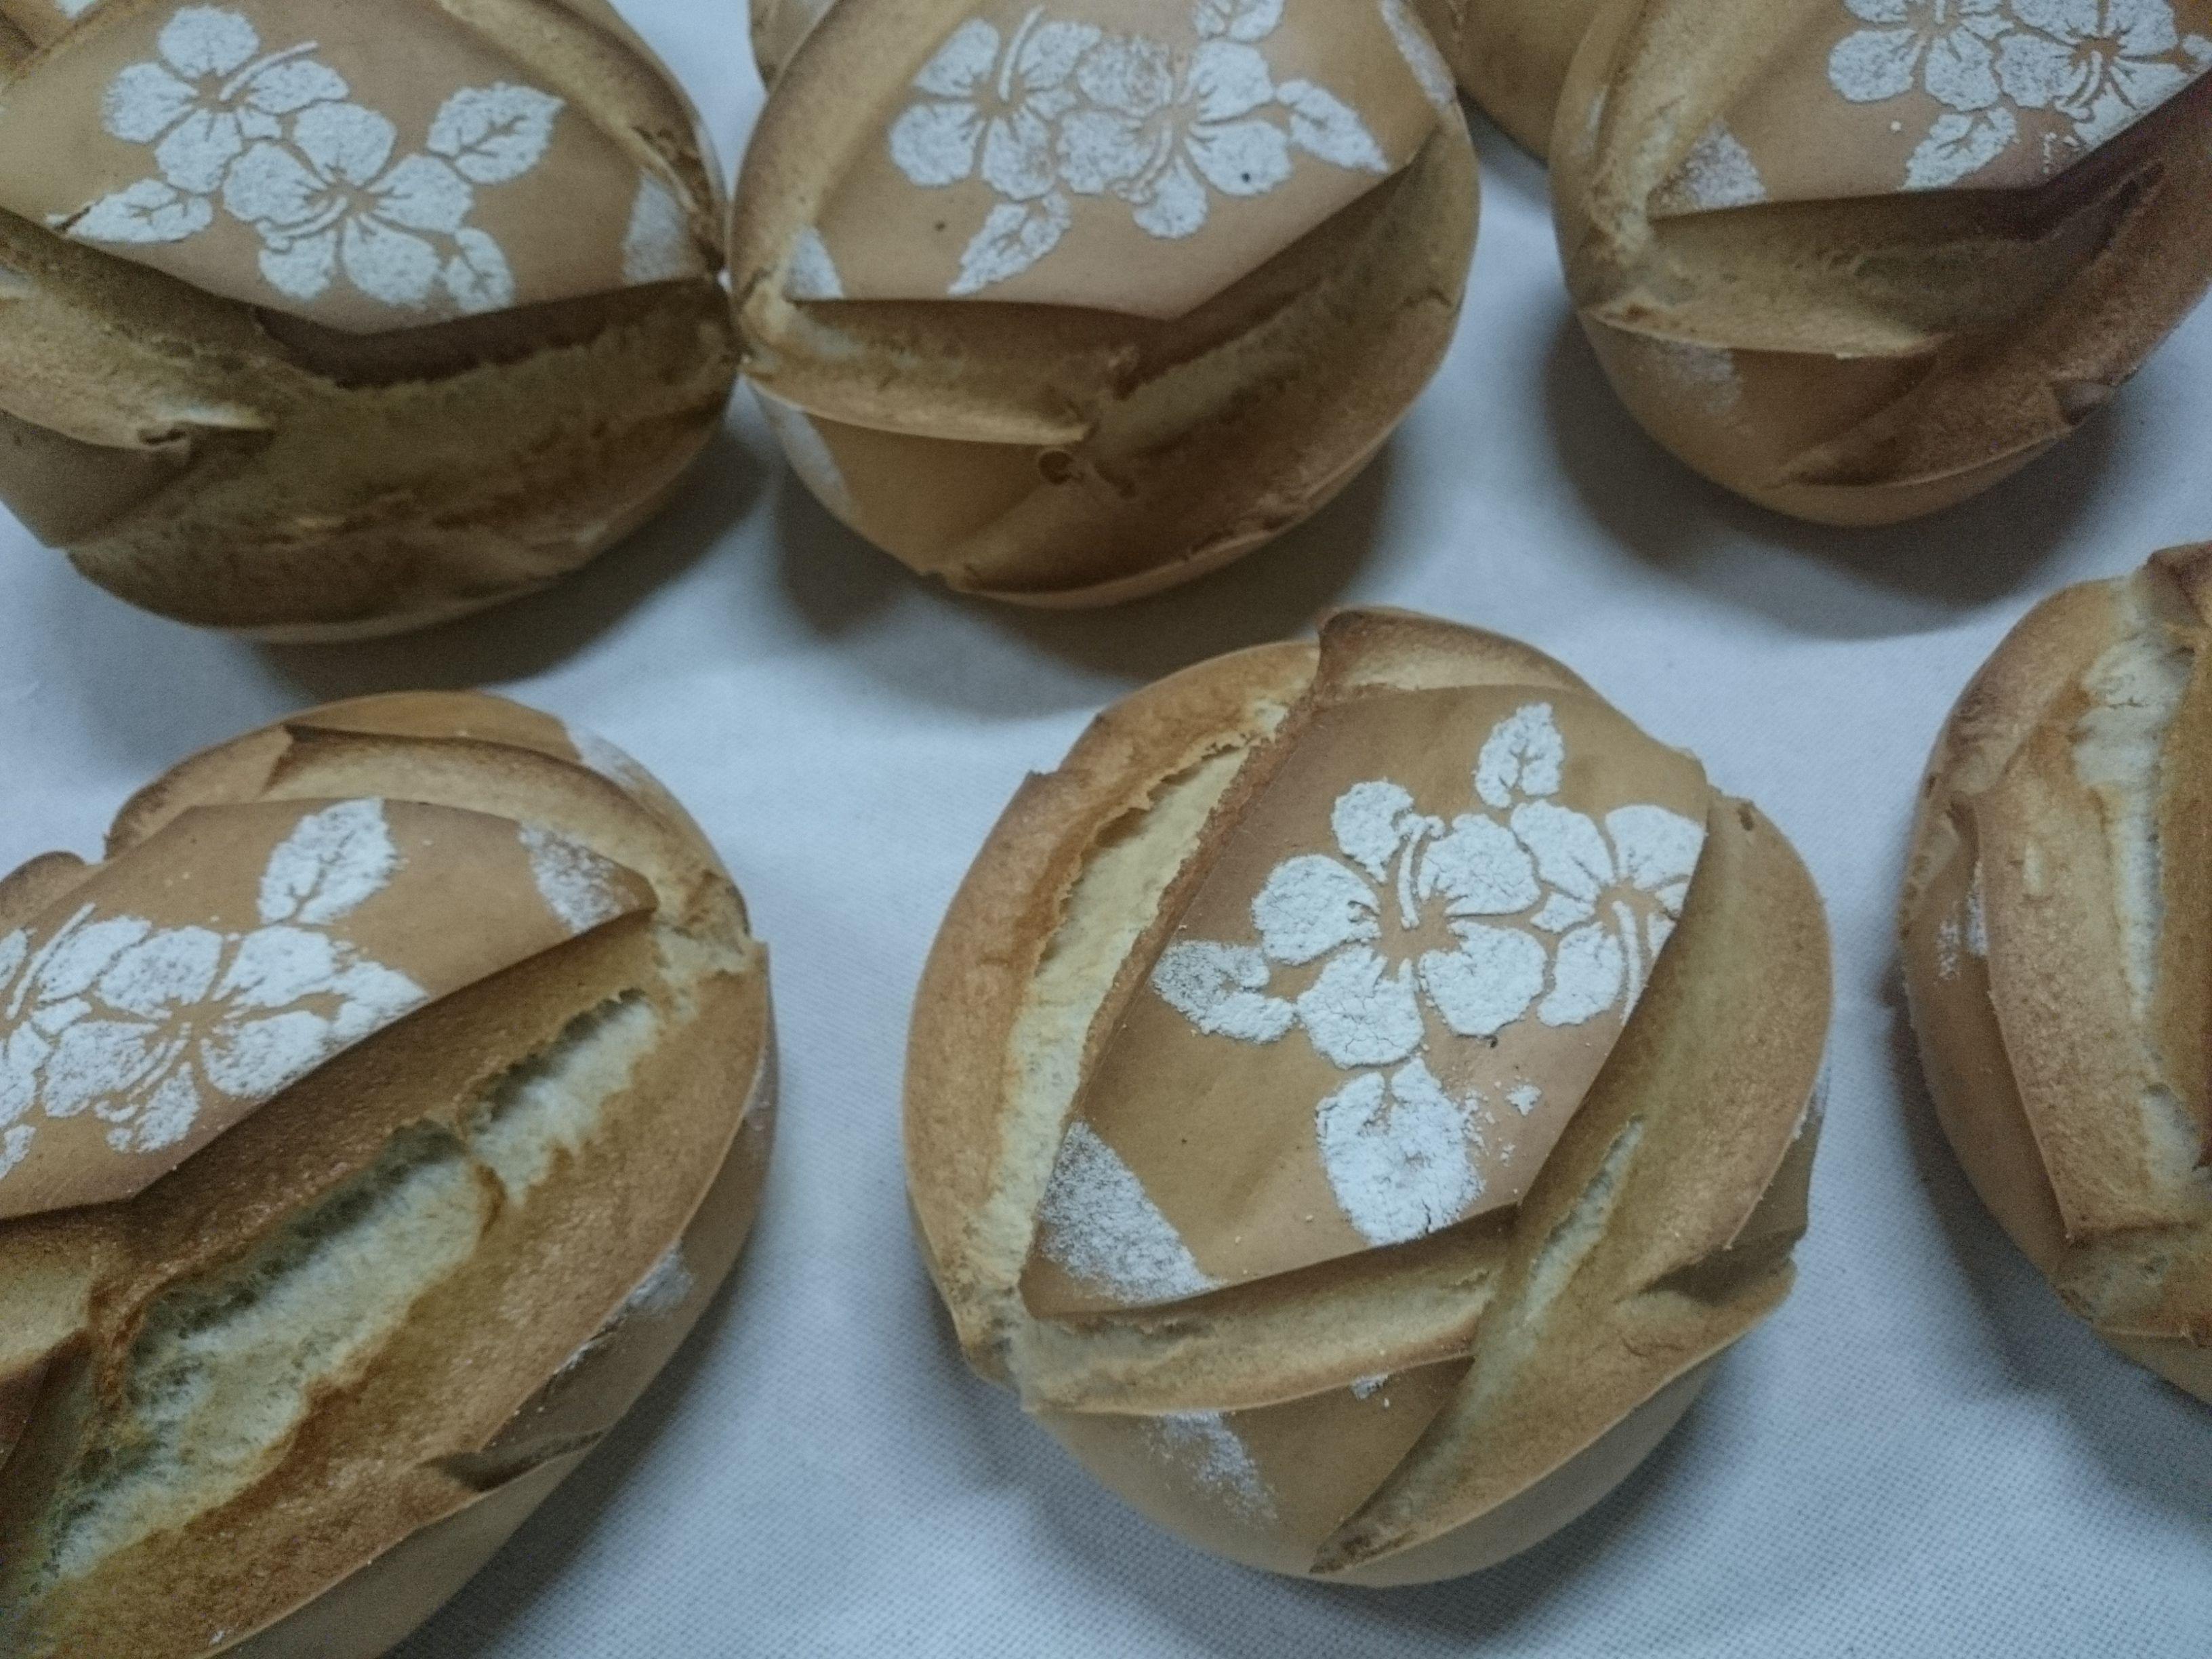 Artesano de trigo, fermentación lenta y con masa madre